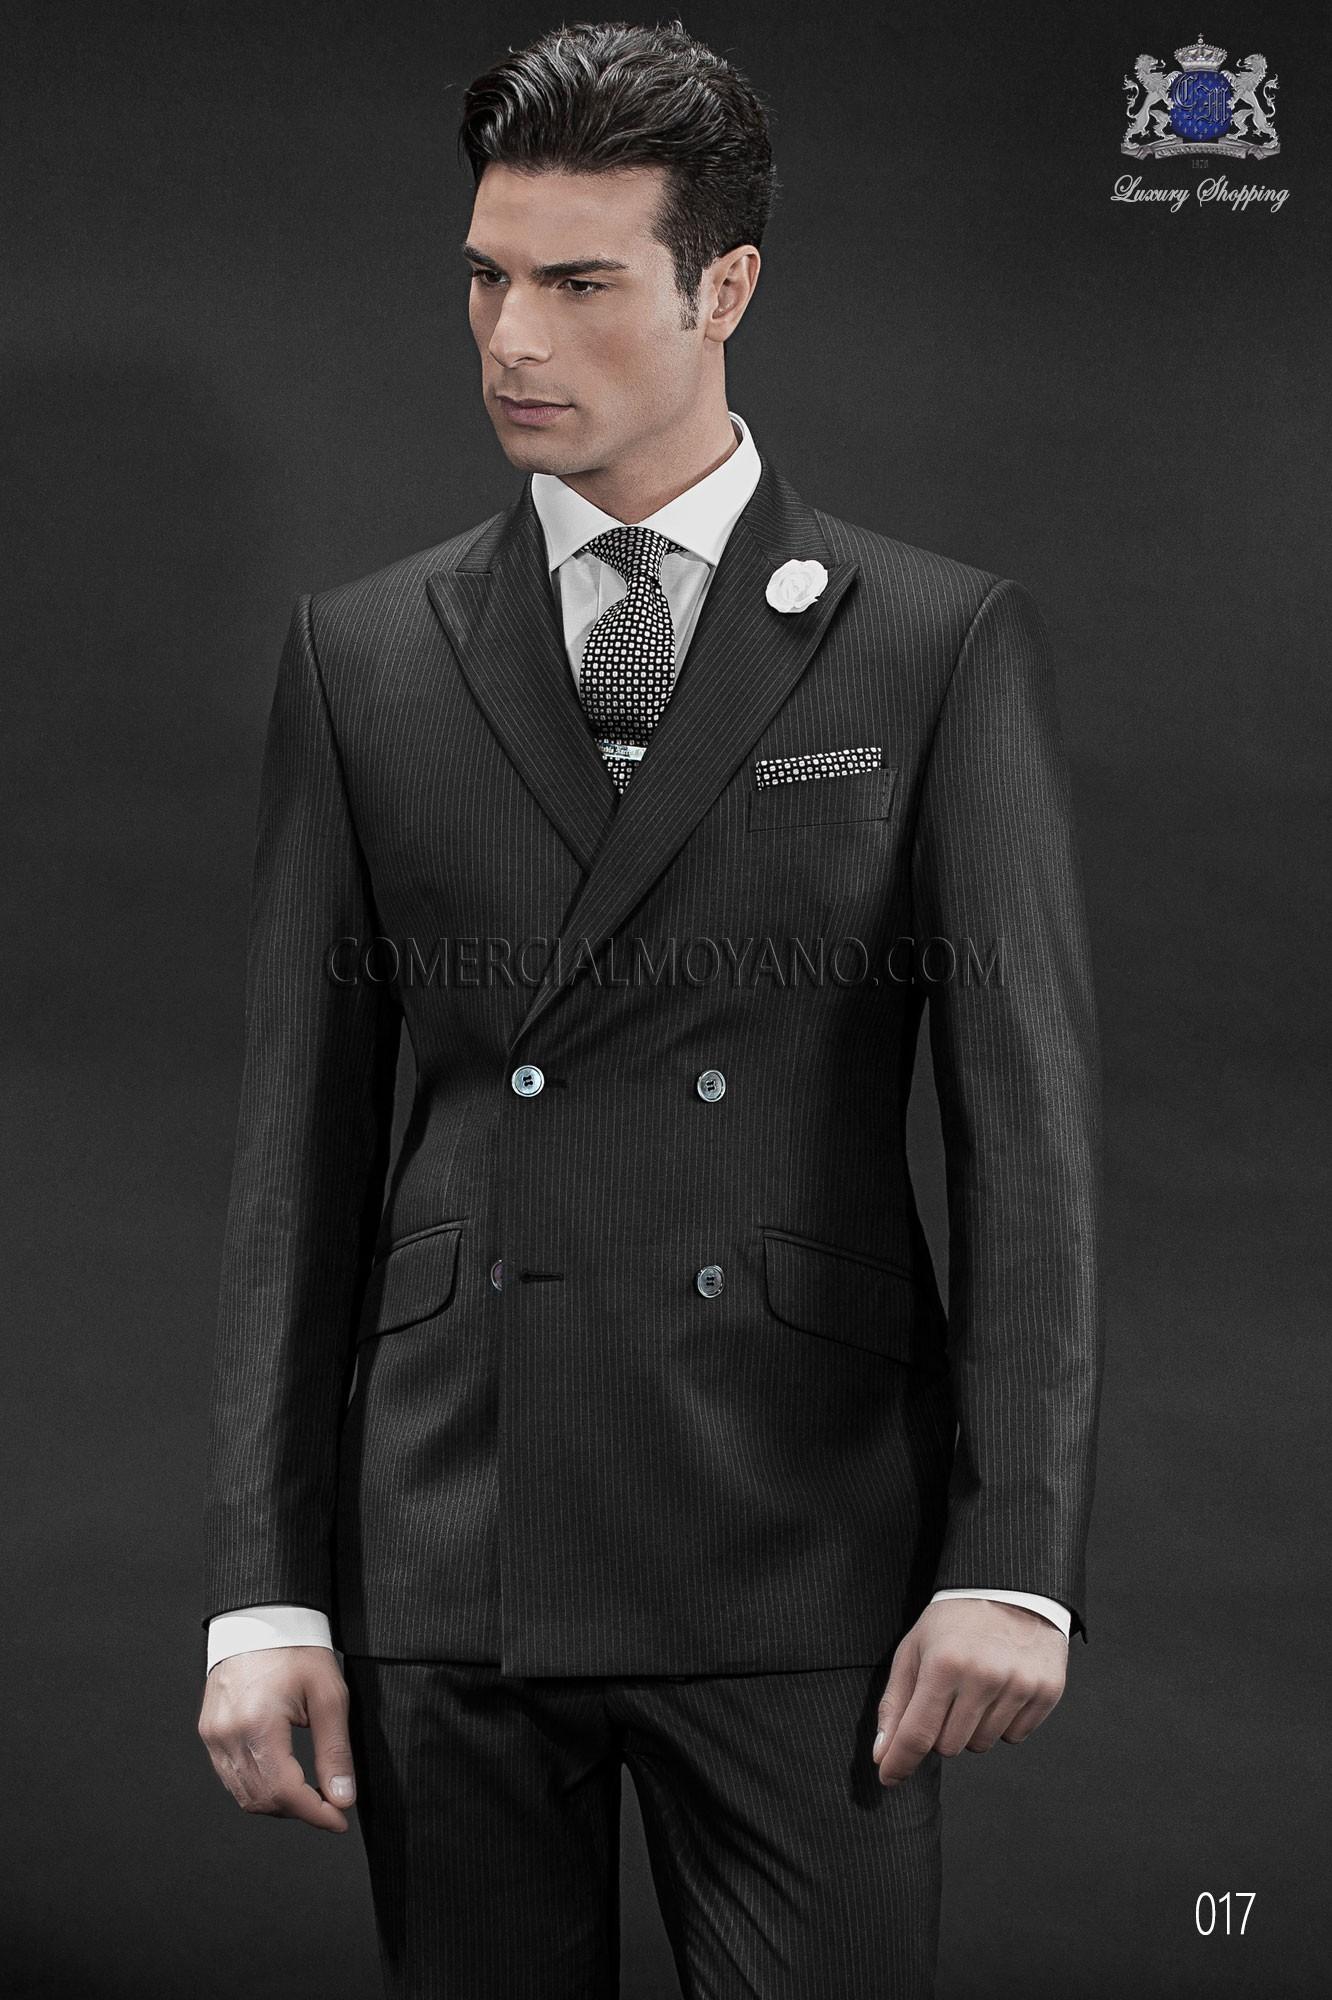 Traje de novio italiano negro modelo: 017 Ottavio Nuccio Gala colección Gentleman